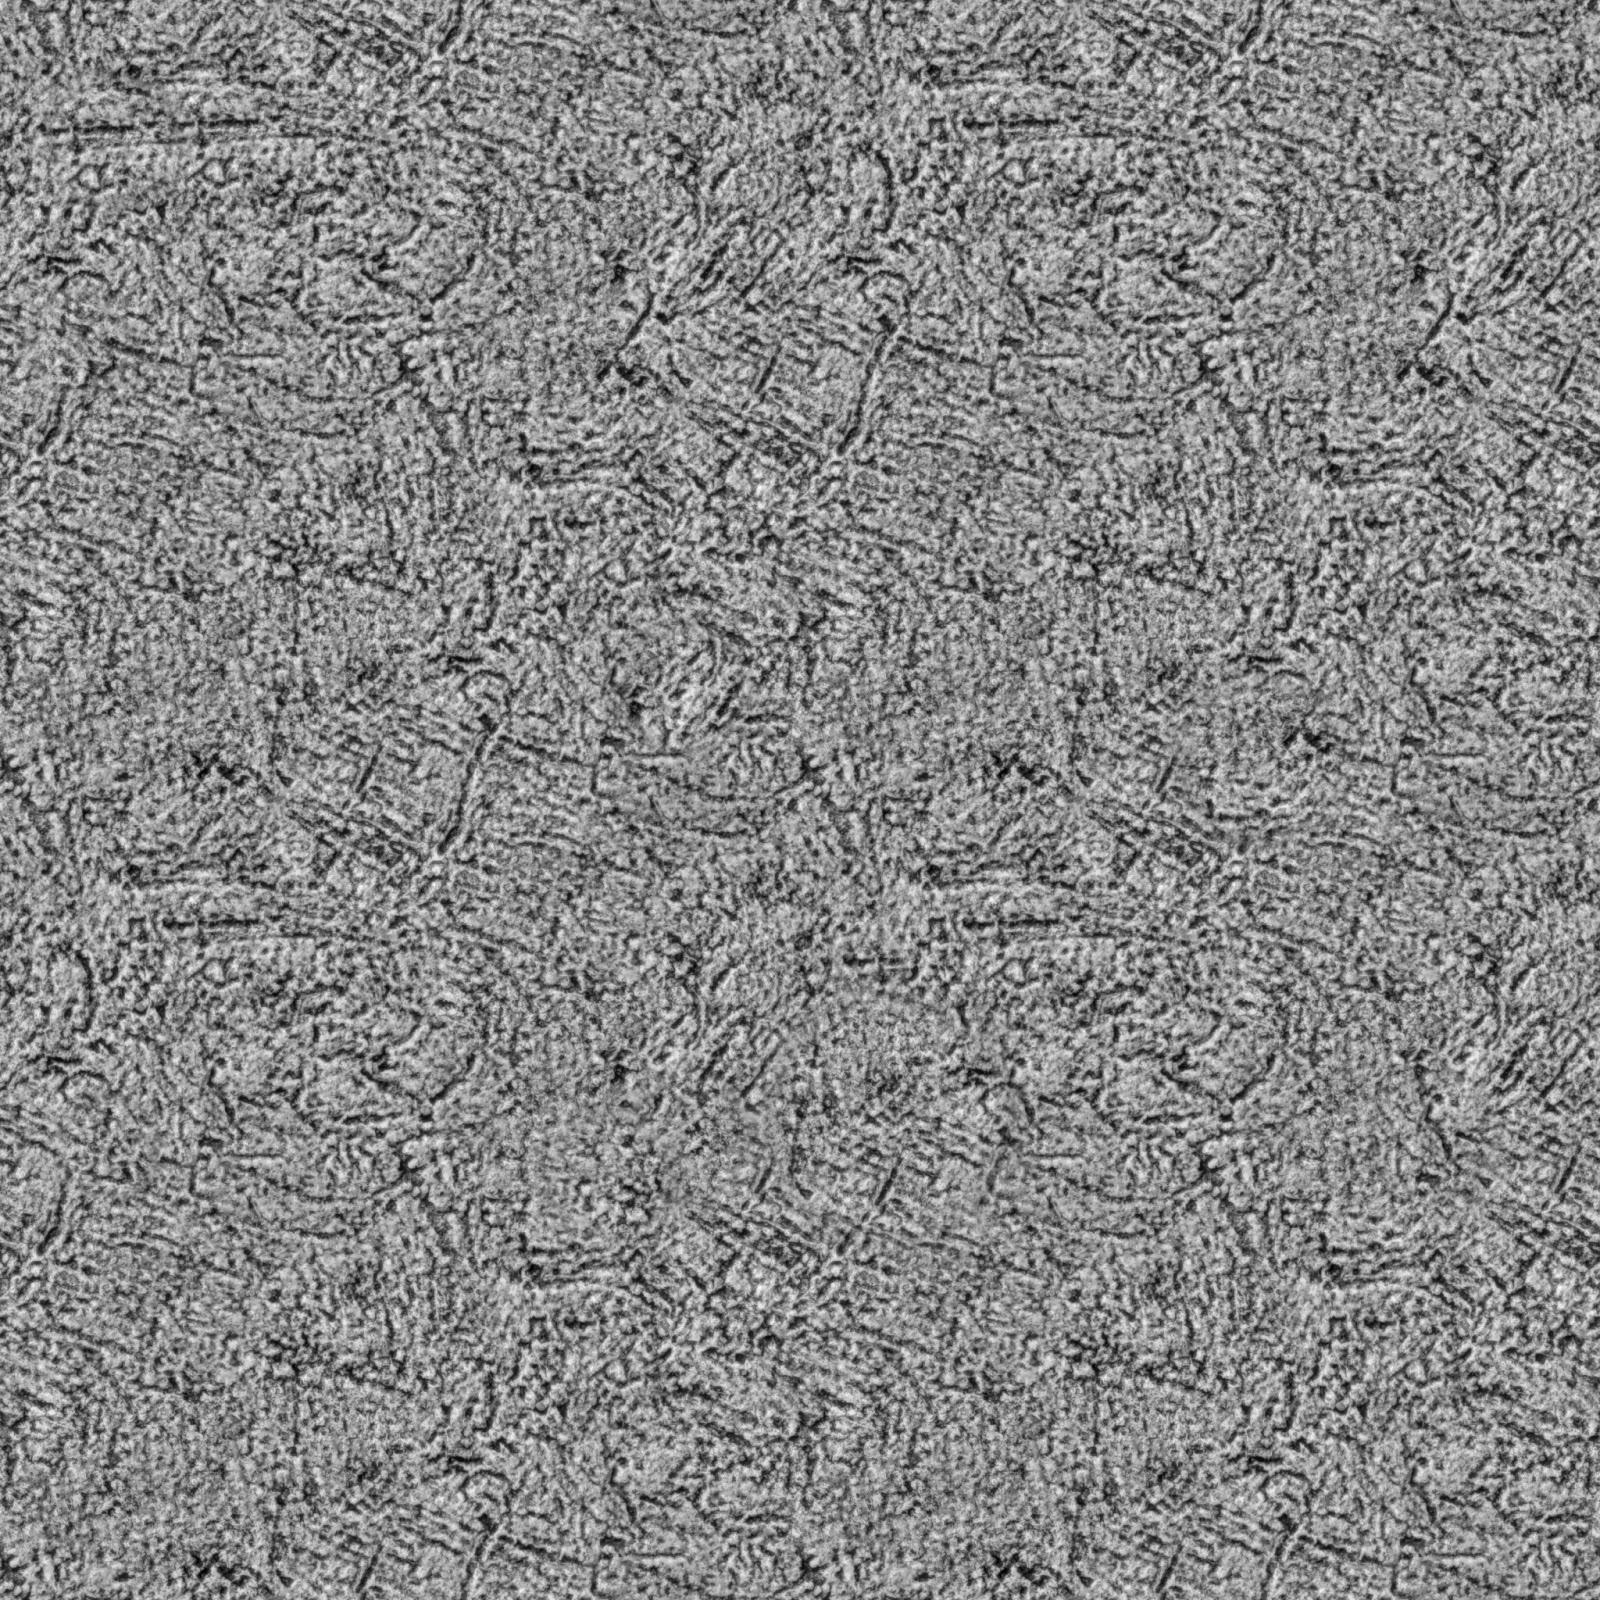 Seamless Concrete Floor Texture